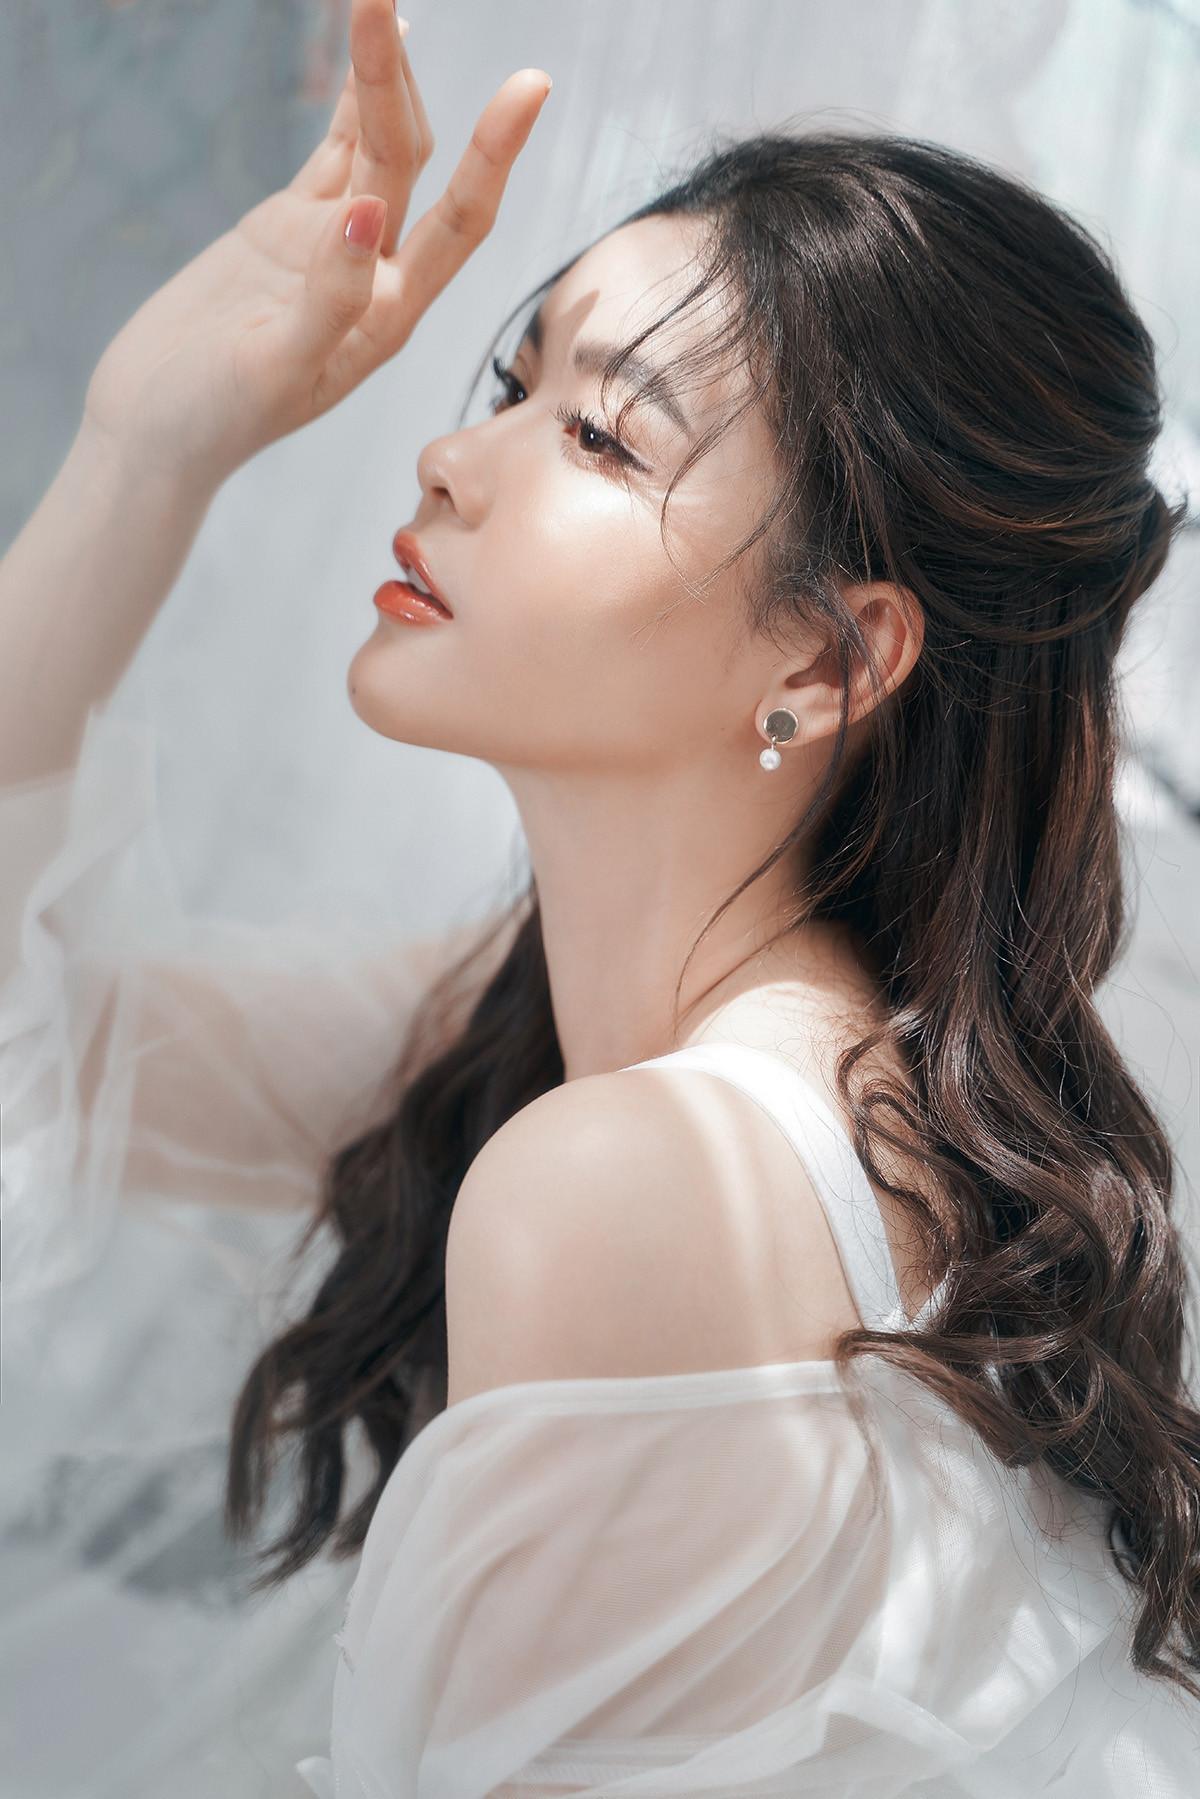 Trương Quỳnh Anh đẹp mong manh trong bộ ảnh mới-9